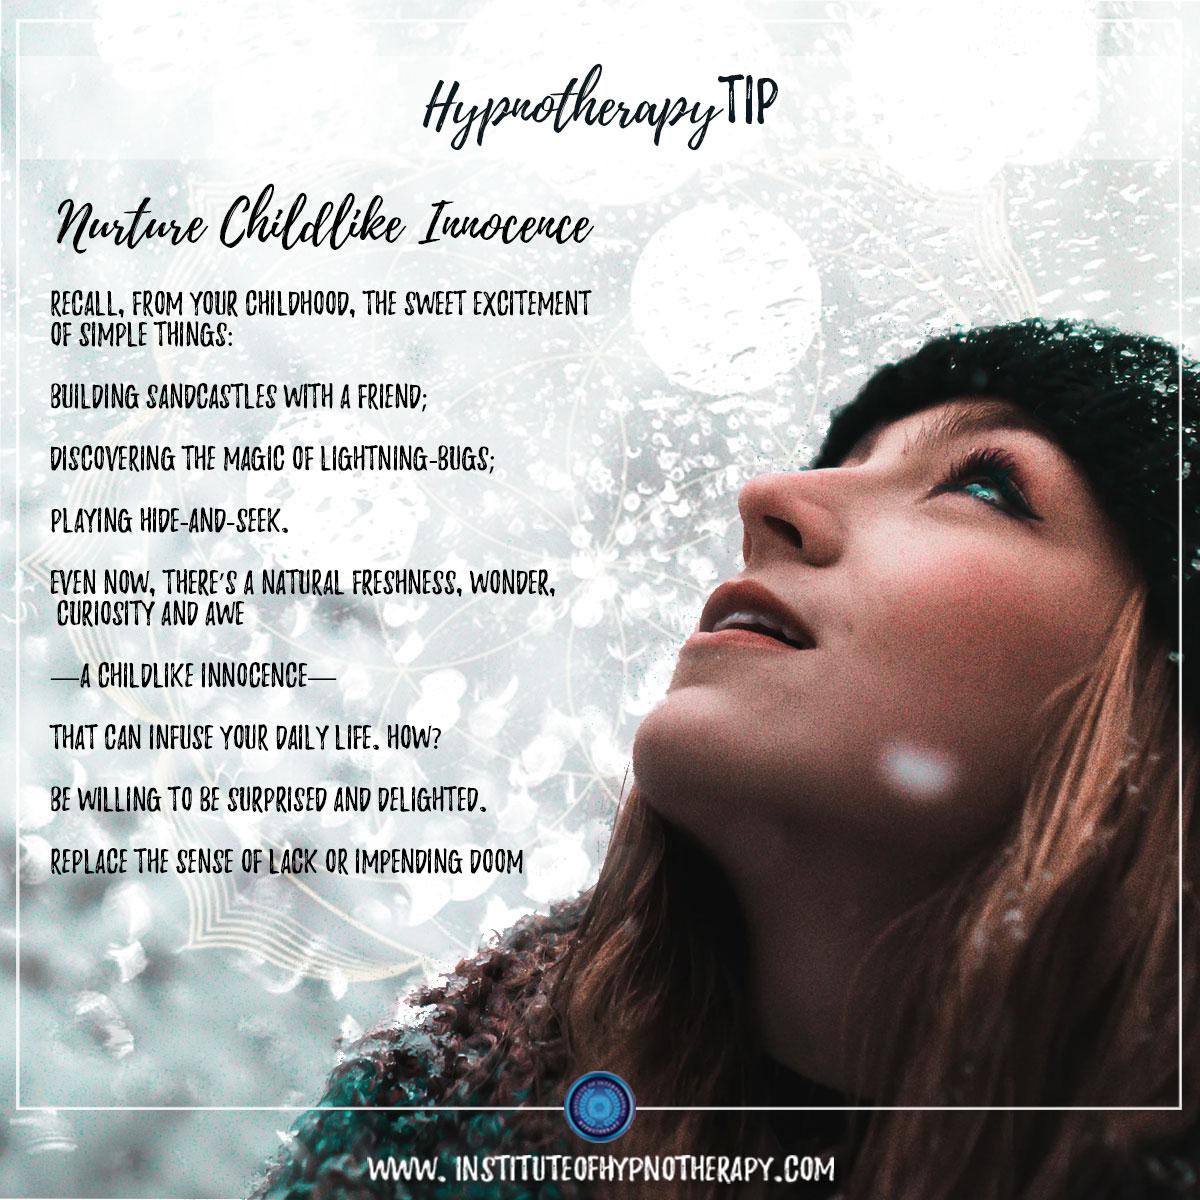 Hypnotherapy Tip : Nurture Childlike Innocence